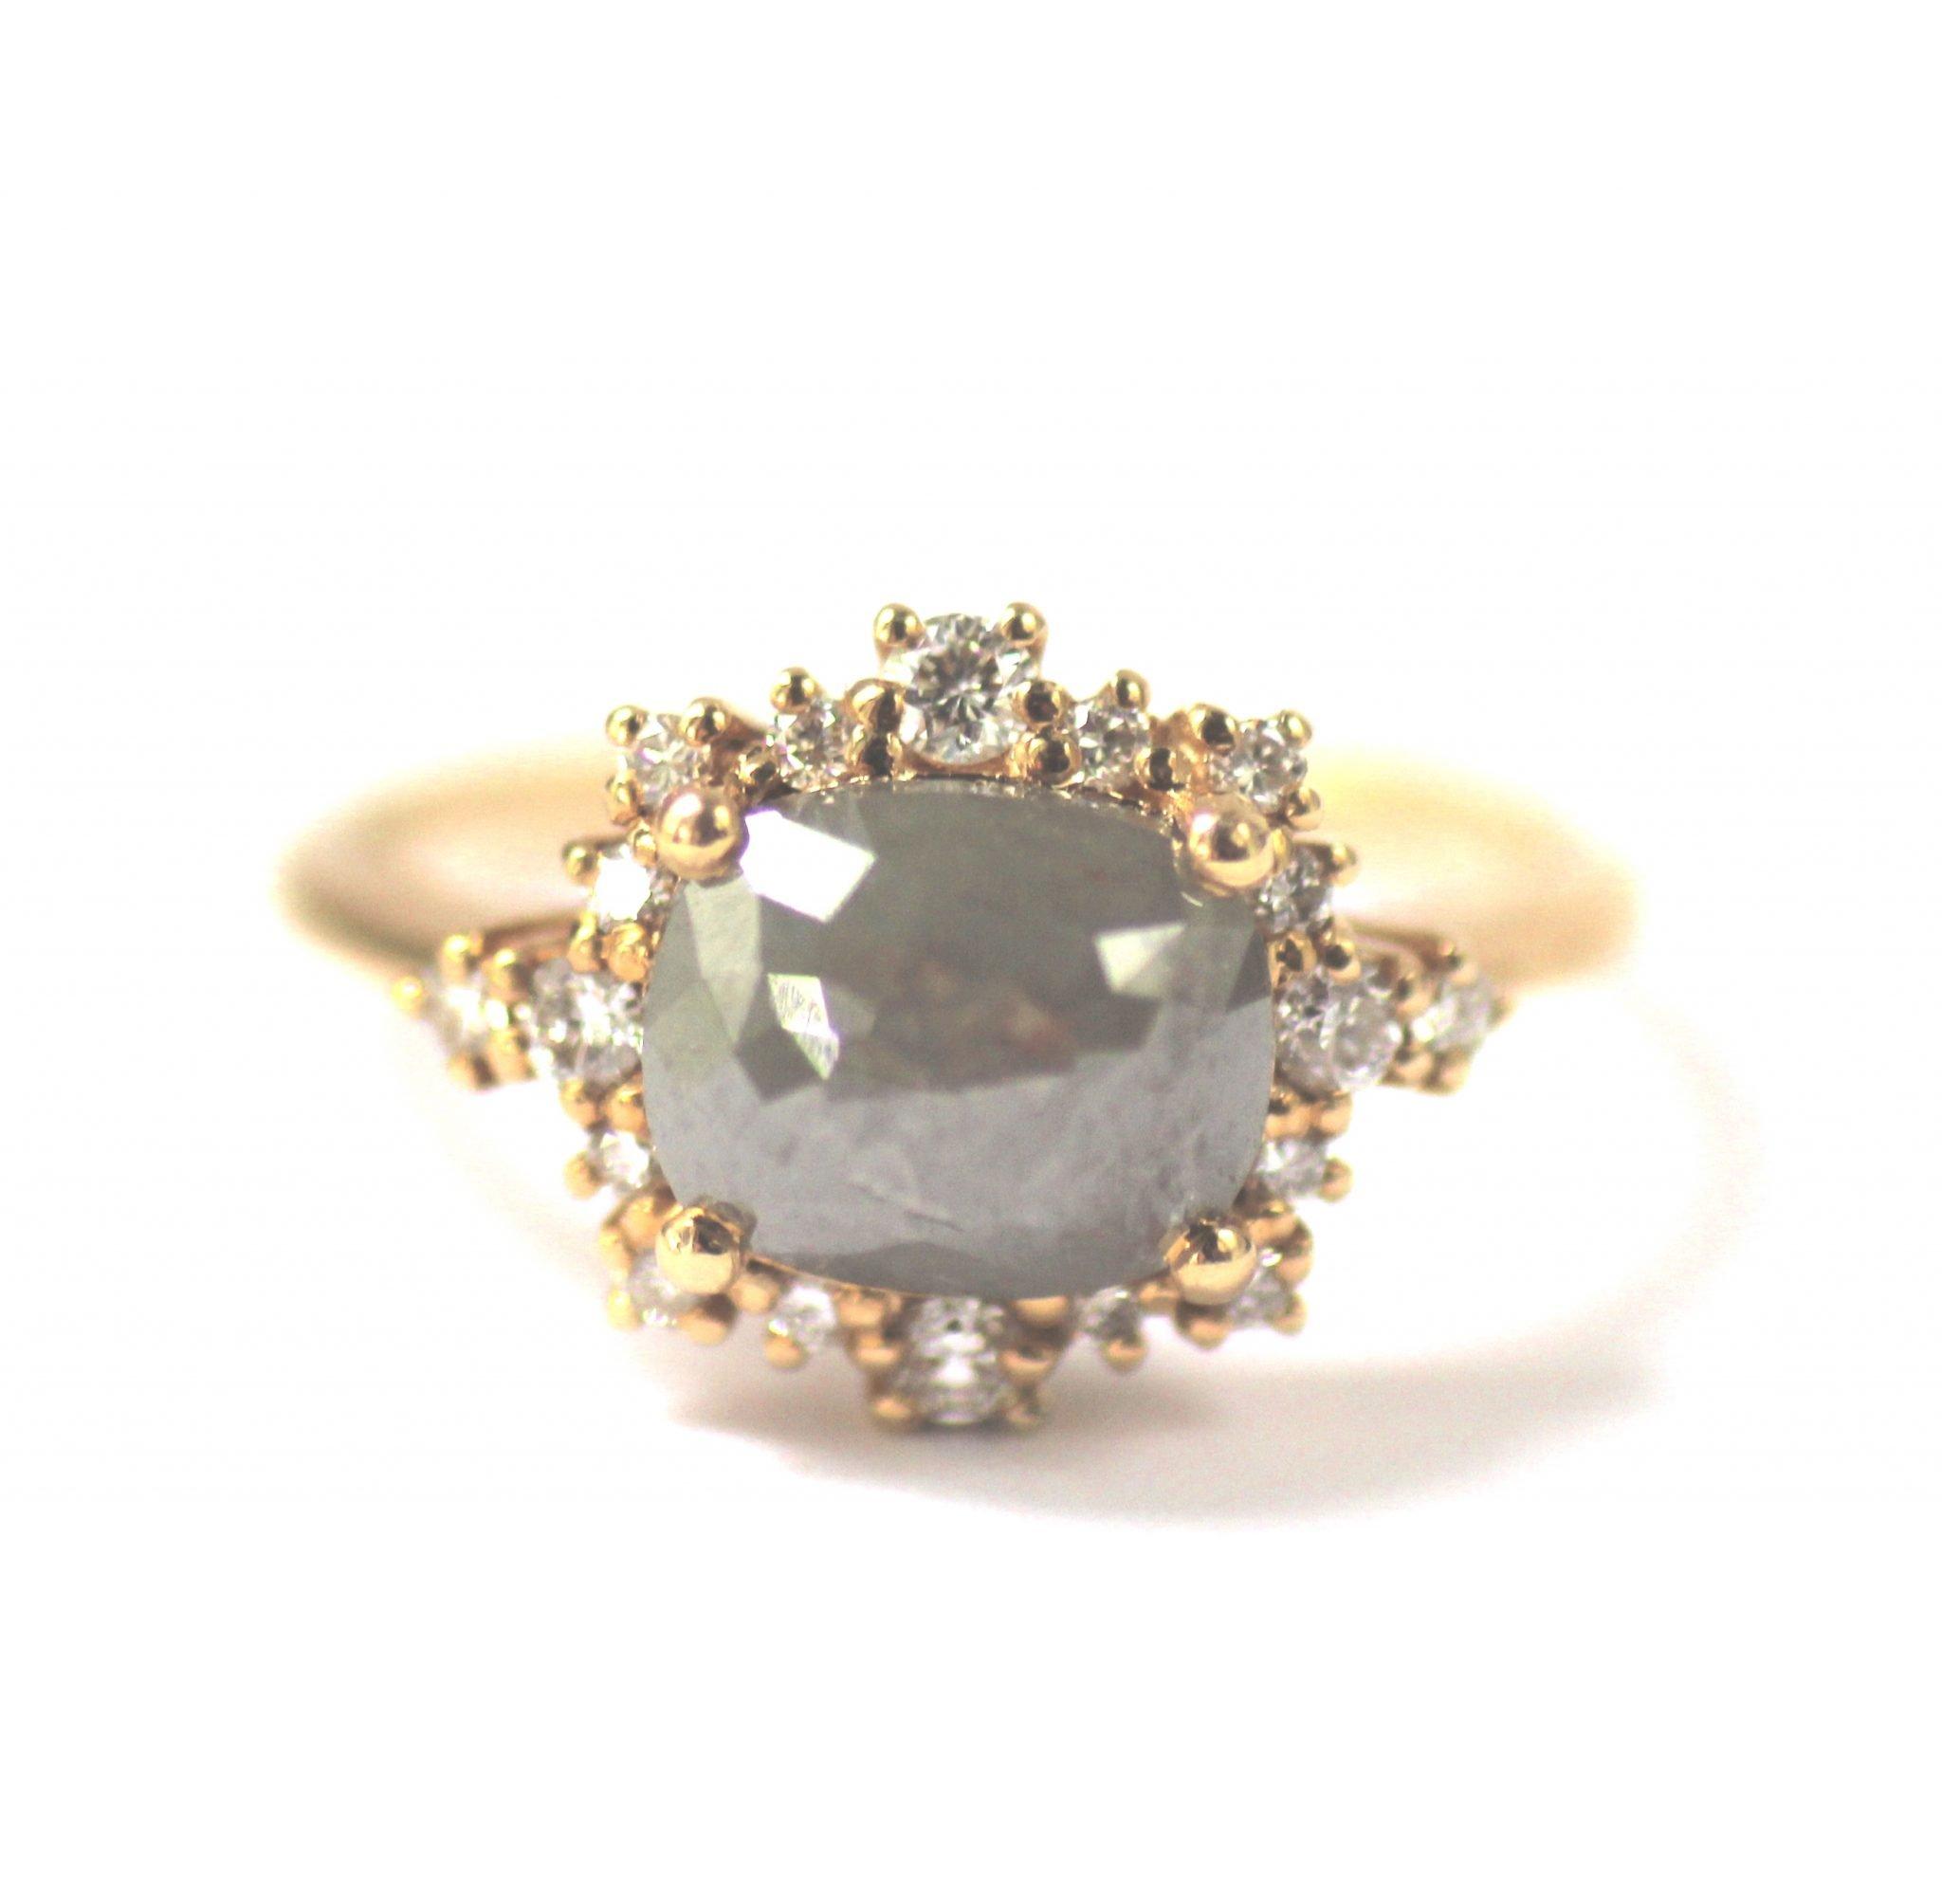 טבעת עם יהלום אפור